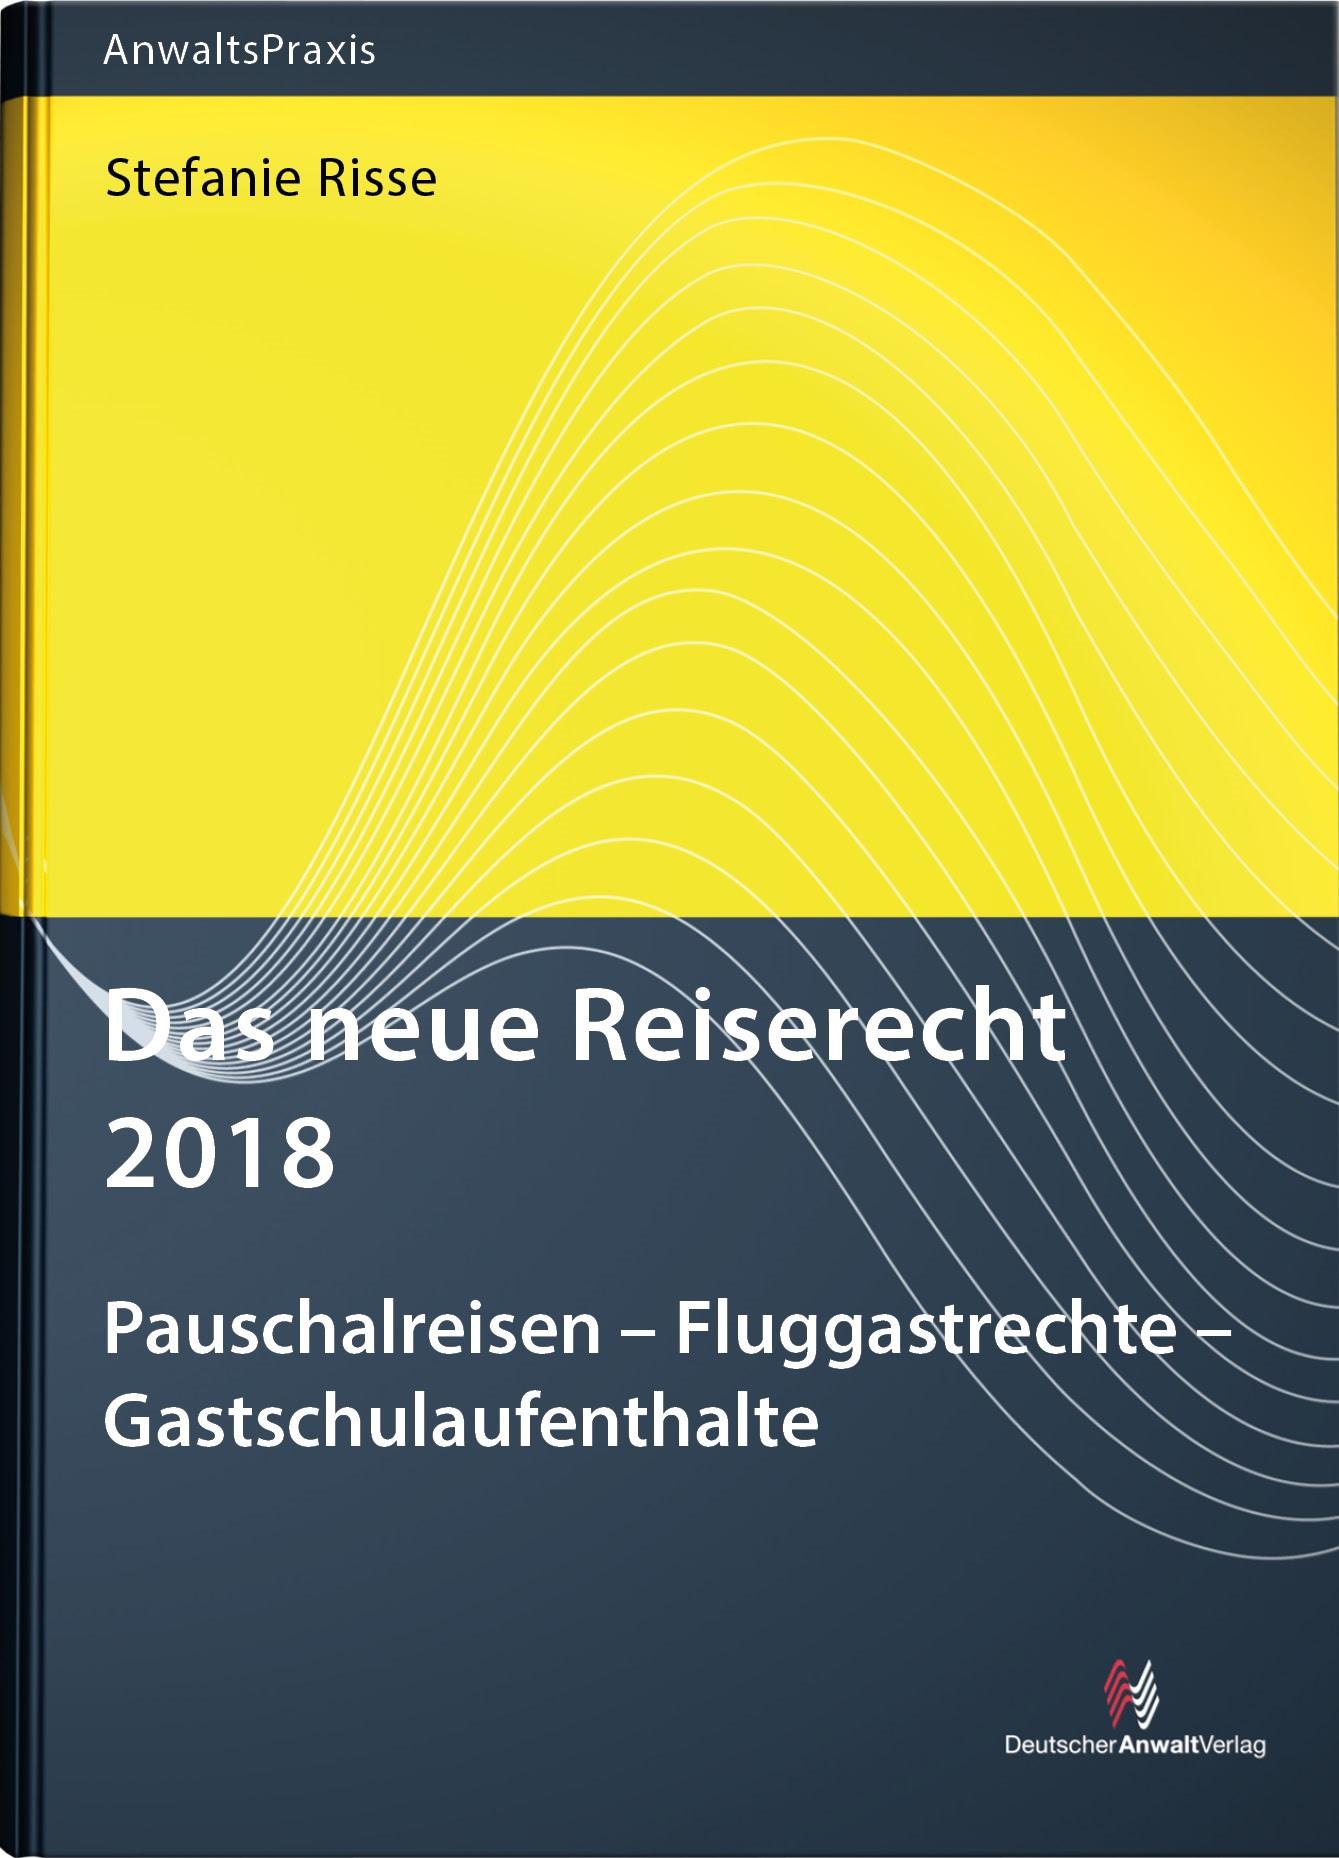 Das neue Reiserecht 2018 | Risse, 2018 | Buch (Cover)